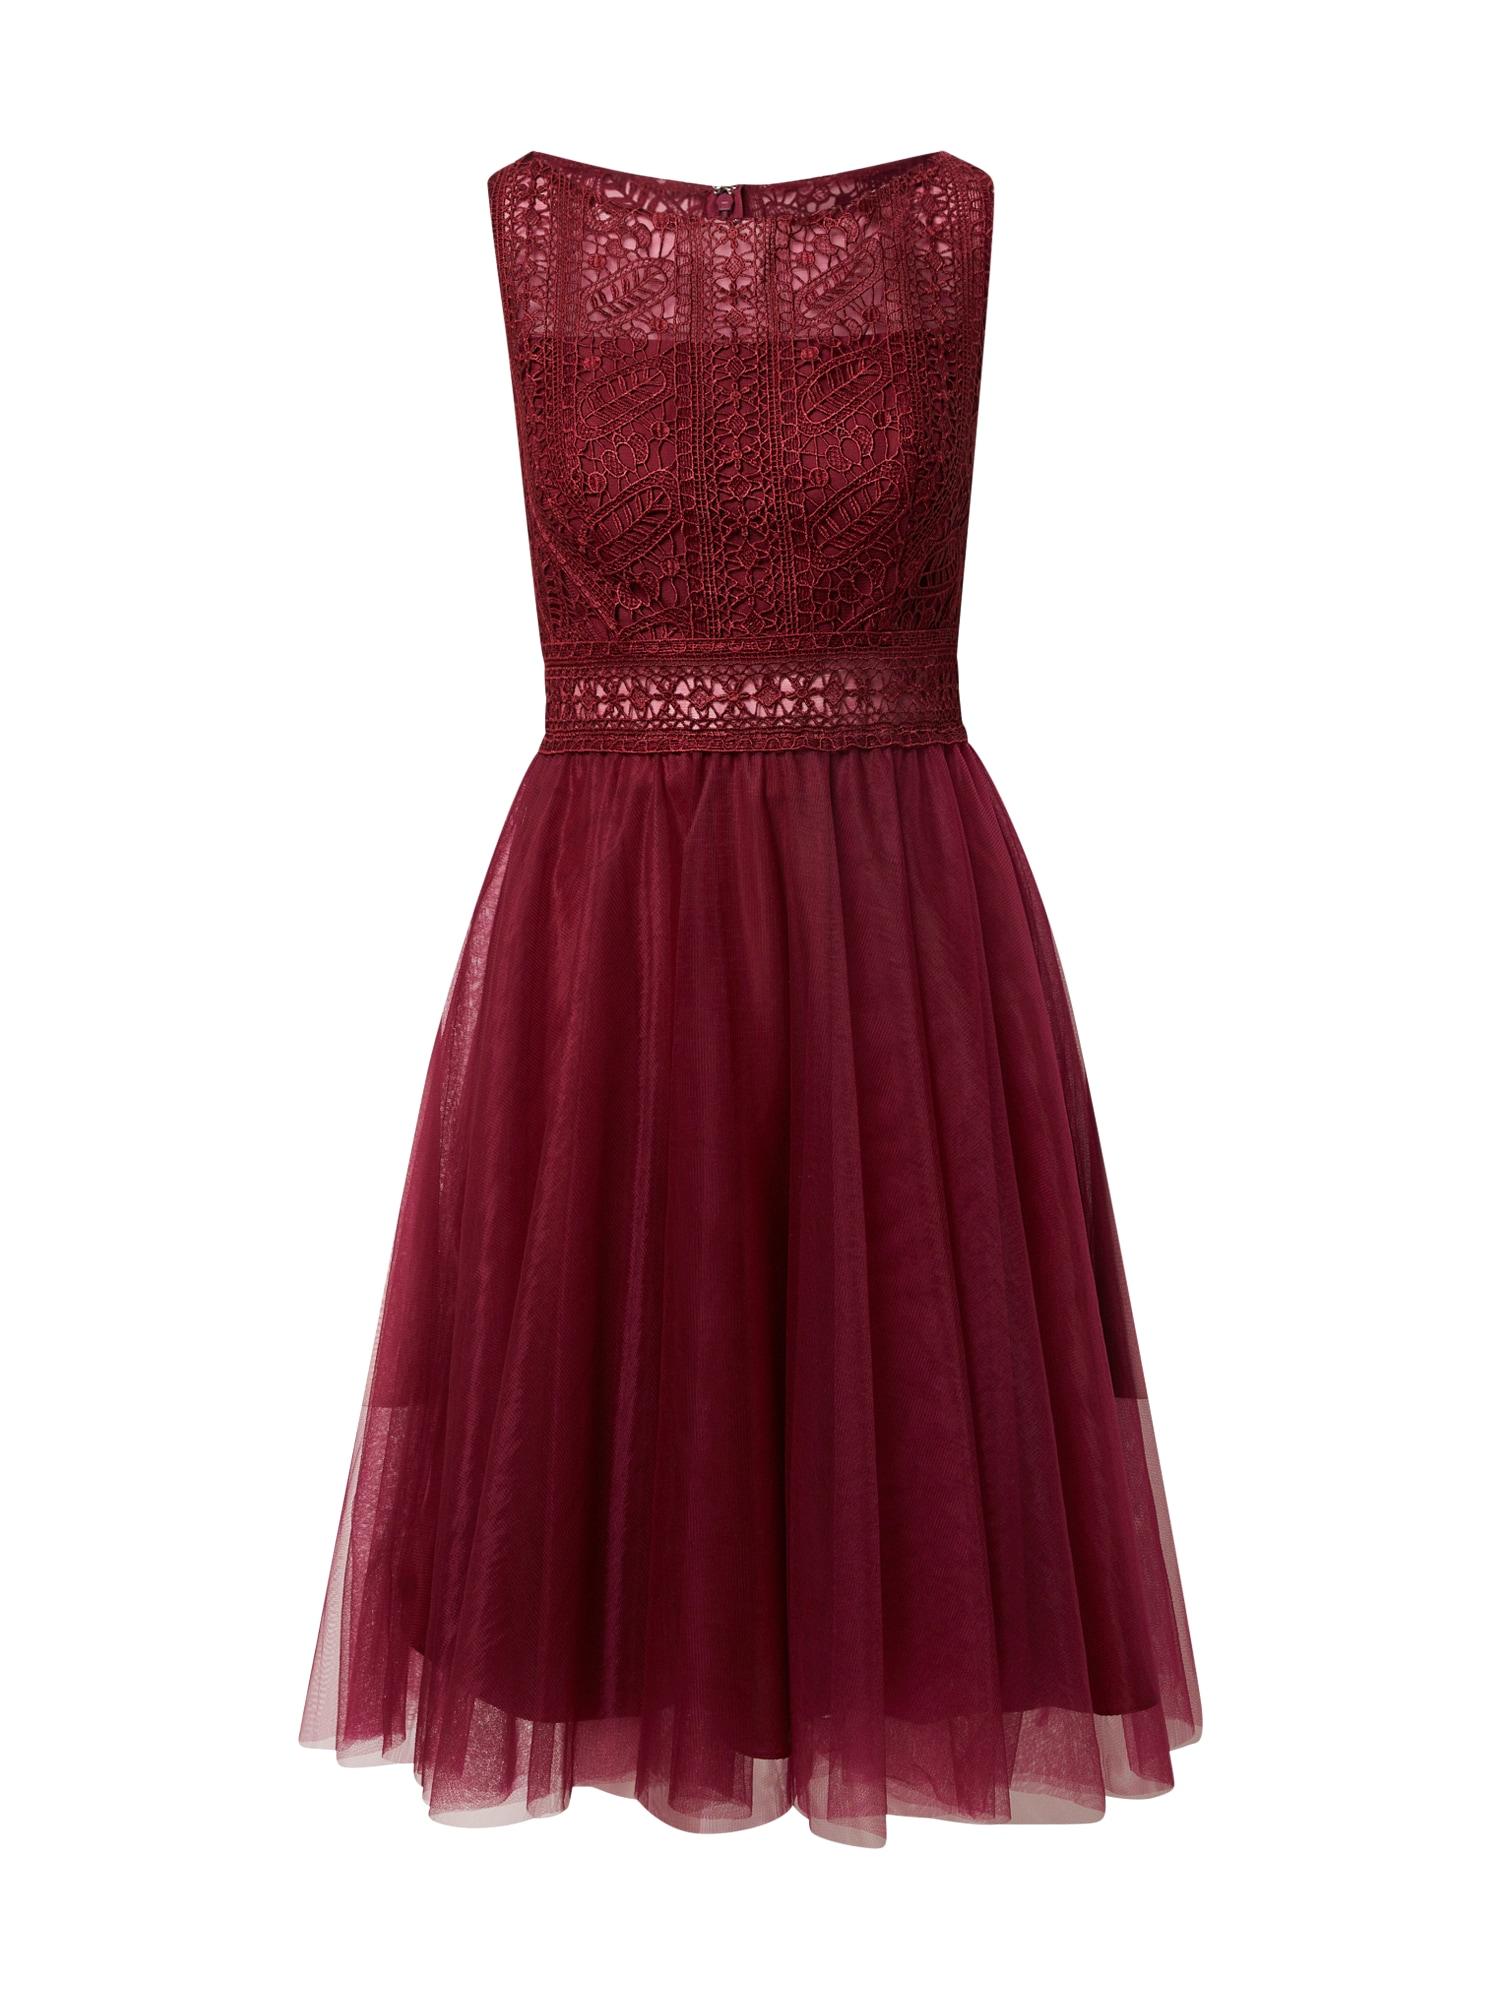 MAGIC NIGHTS Kokteilinė suknelė purpurinė spalva